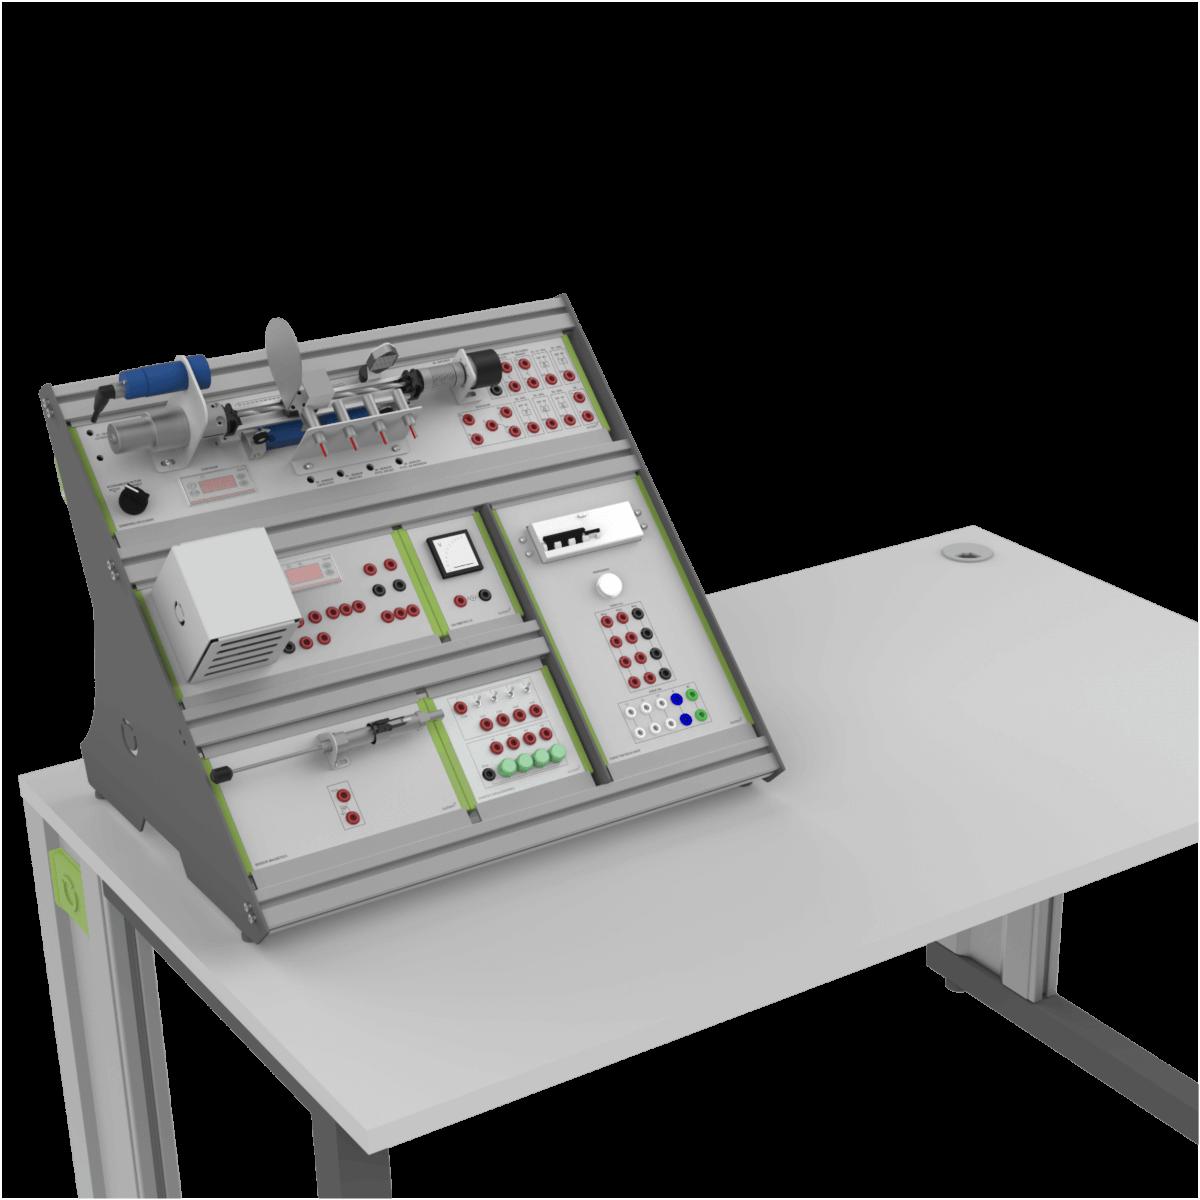 lab-automacao-bancada-didatica-rack-desktop-sensores_1-auttom-7